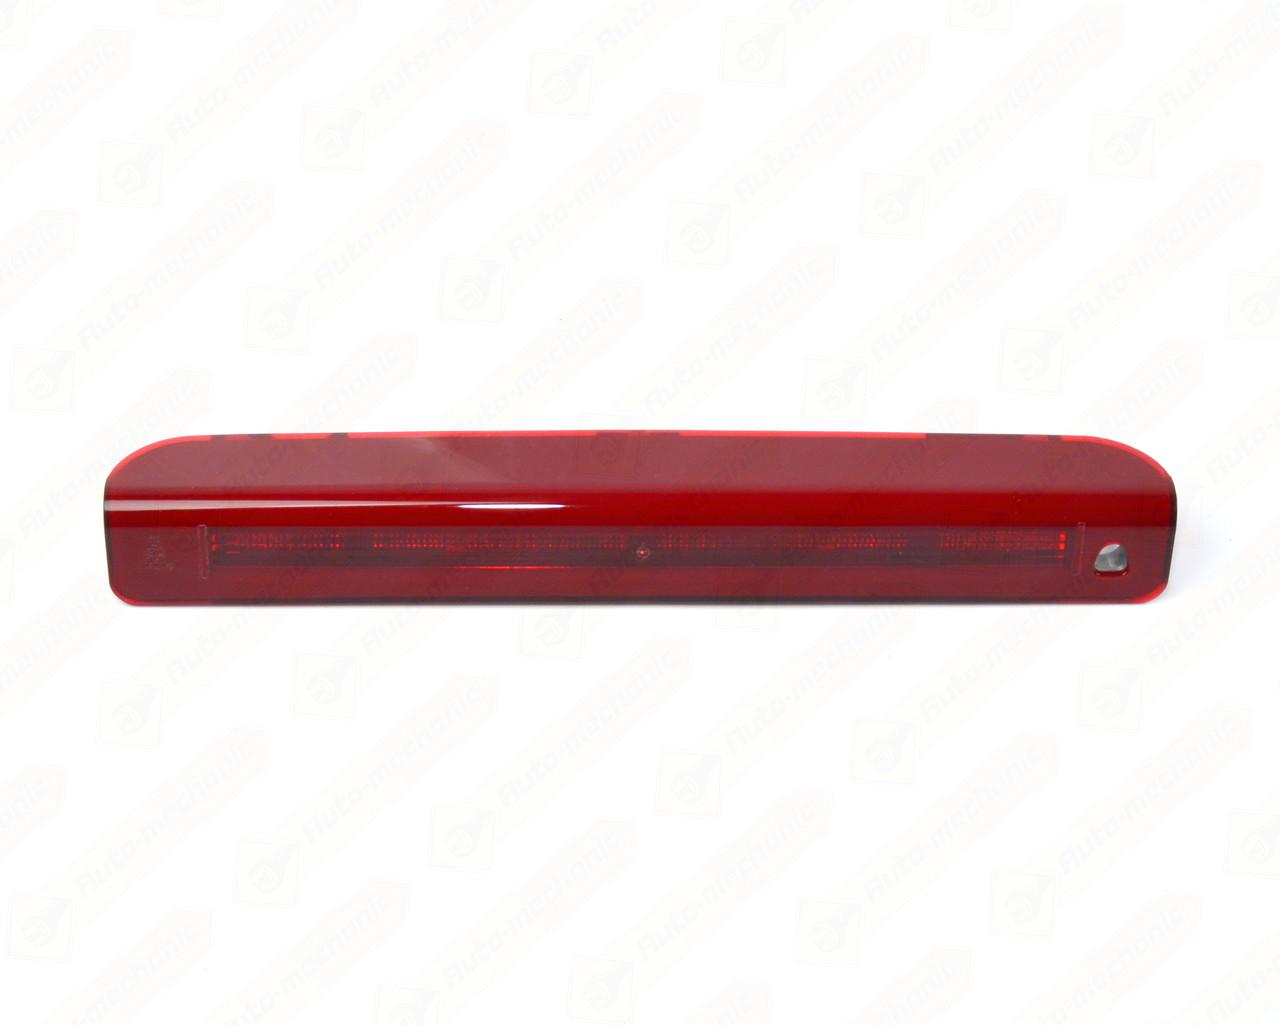 Задний дополнительный STOP-фонарь на двери на Renault Fluence — Renault (Оригинал) - 265900006R